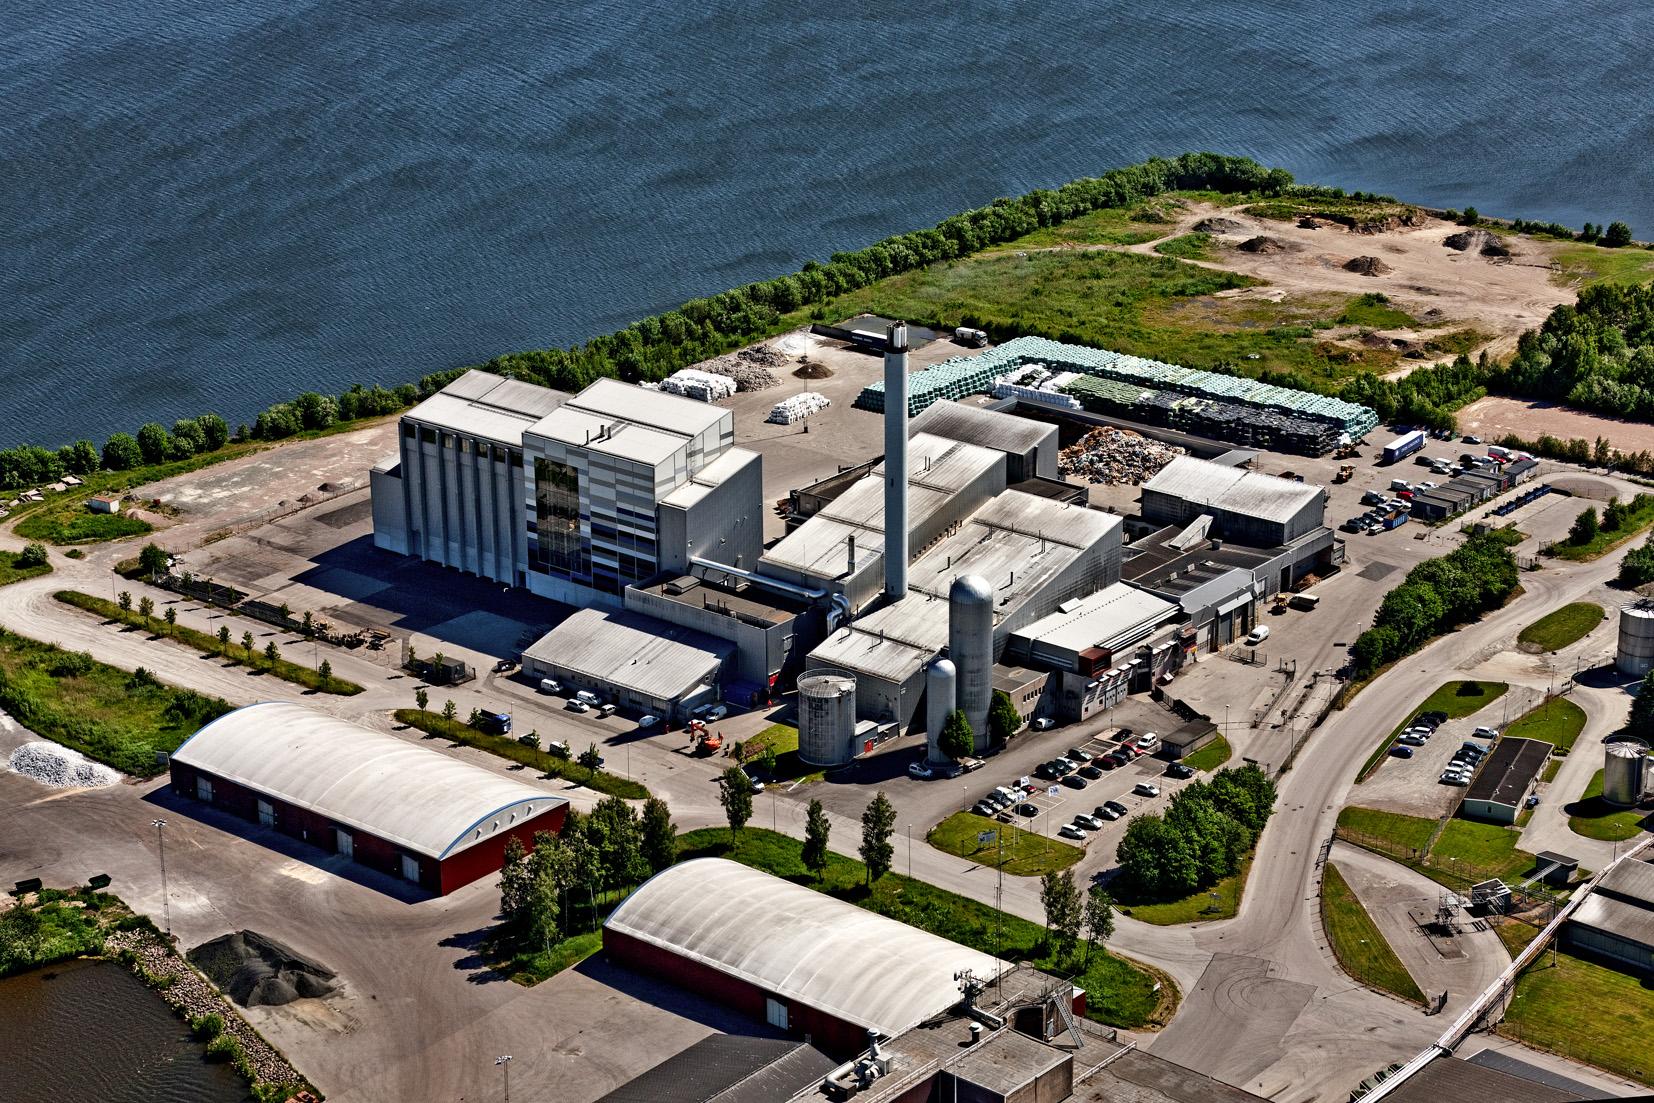 Valmet toimittaa jätteenpolttokattilan Lidköping Energi AB -yhtiölle Lidköpingiin Ruotsiin.